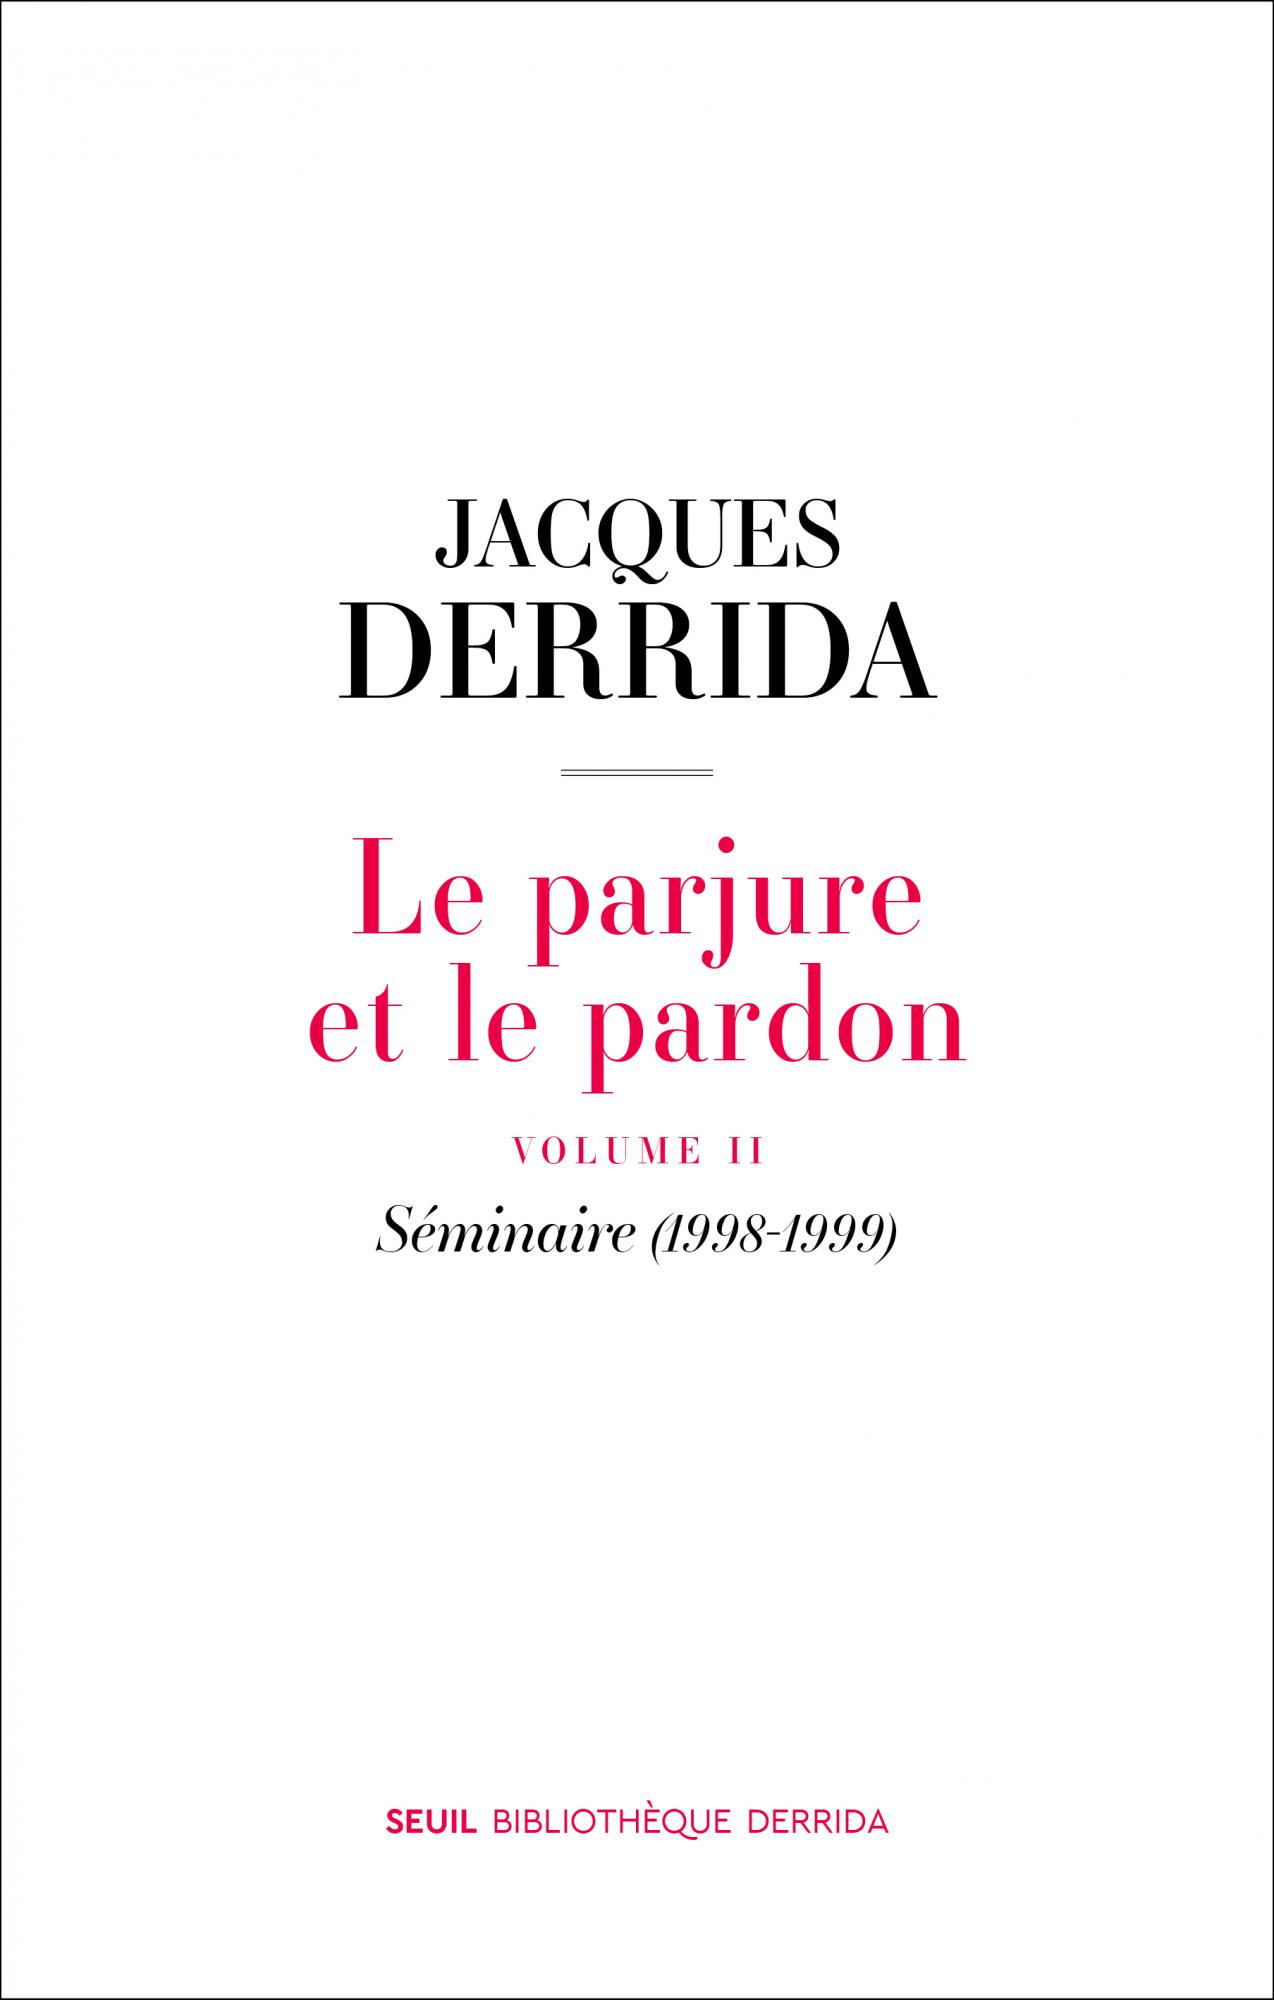 J. Derrida, Le Parjure et le Pardon, vol. II: Séminaire (1998-1999)